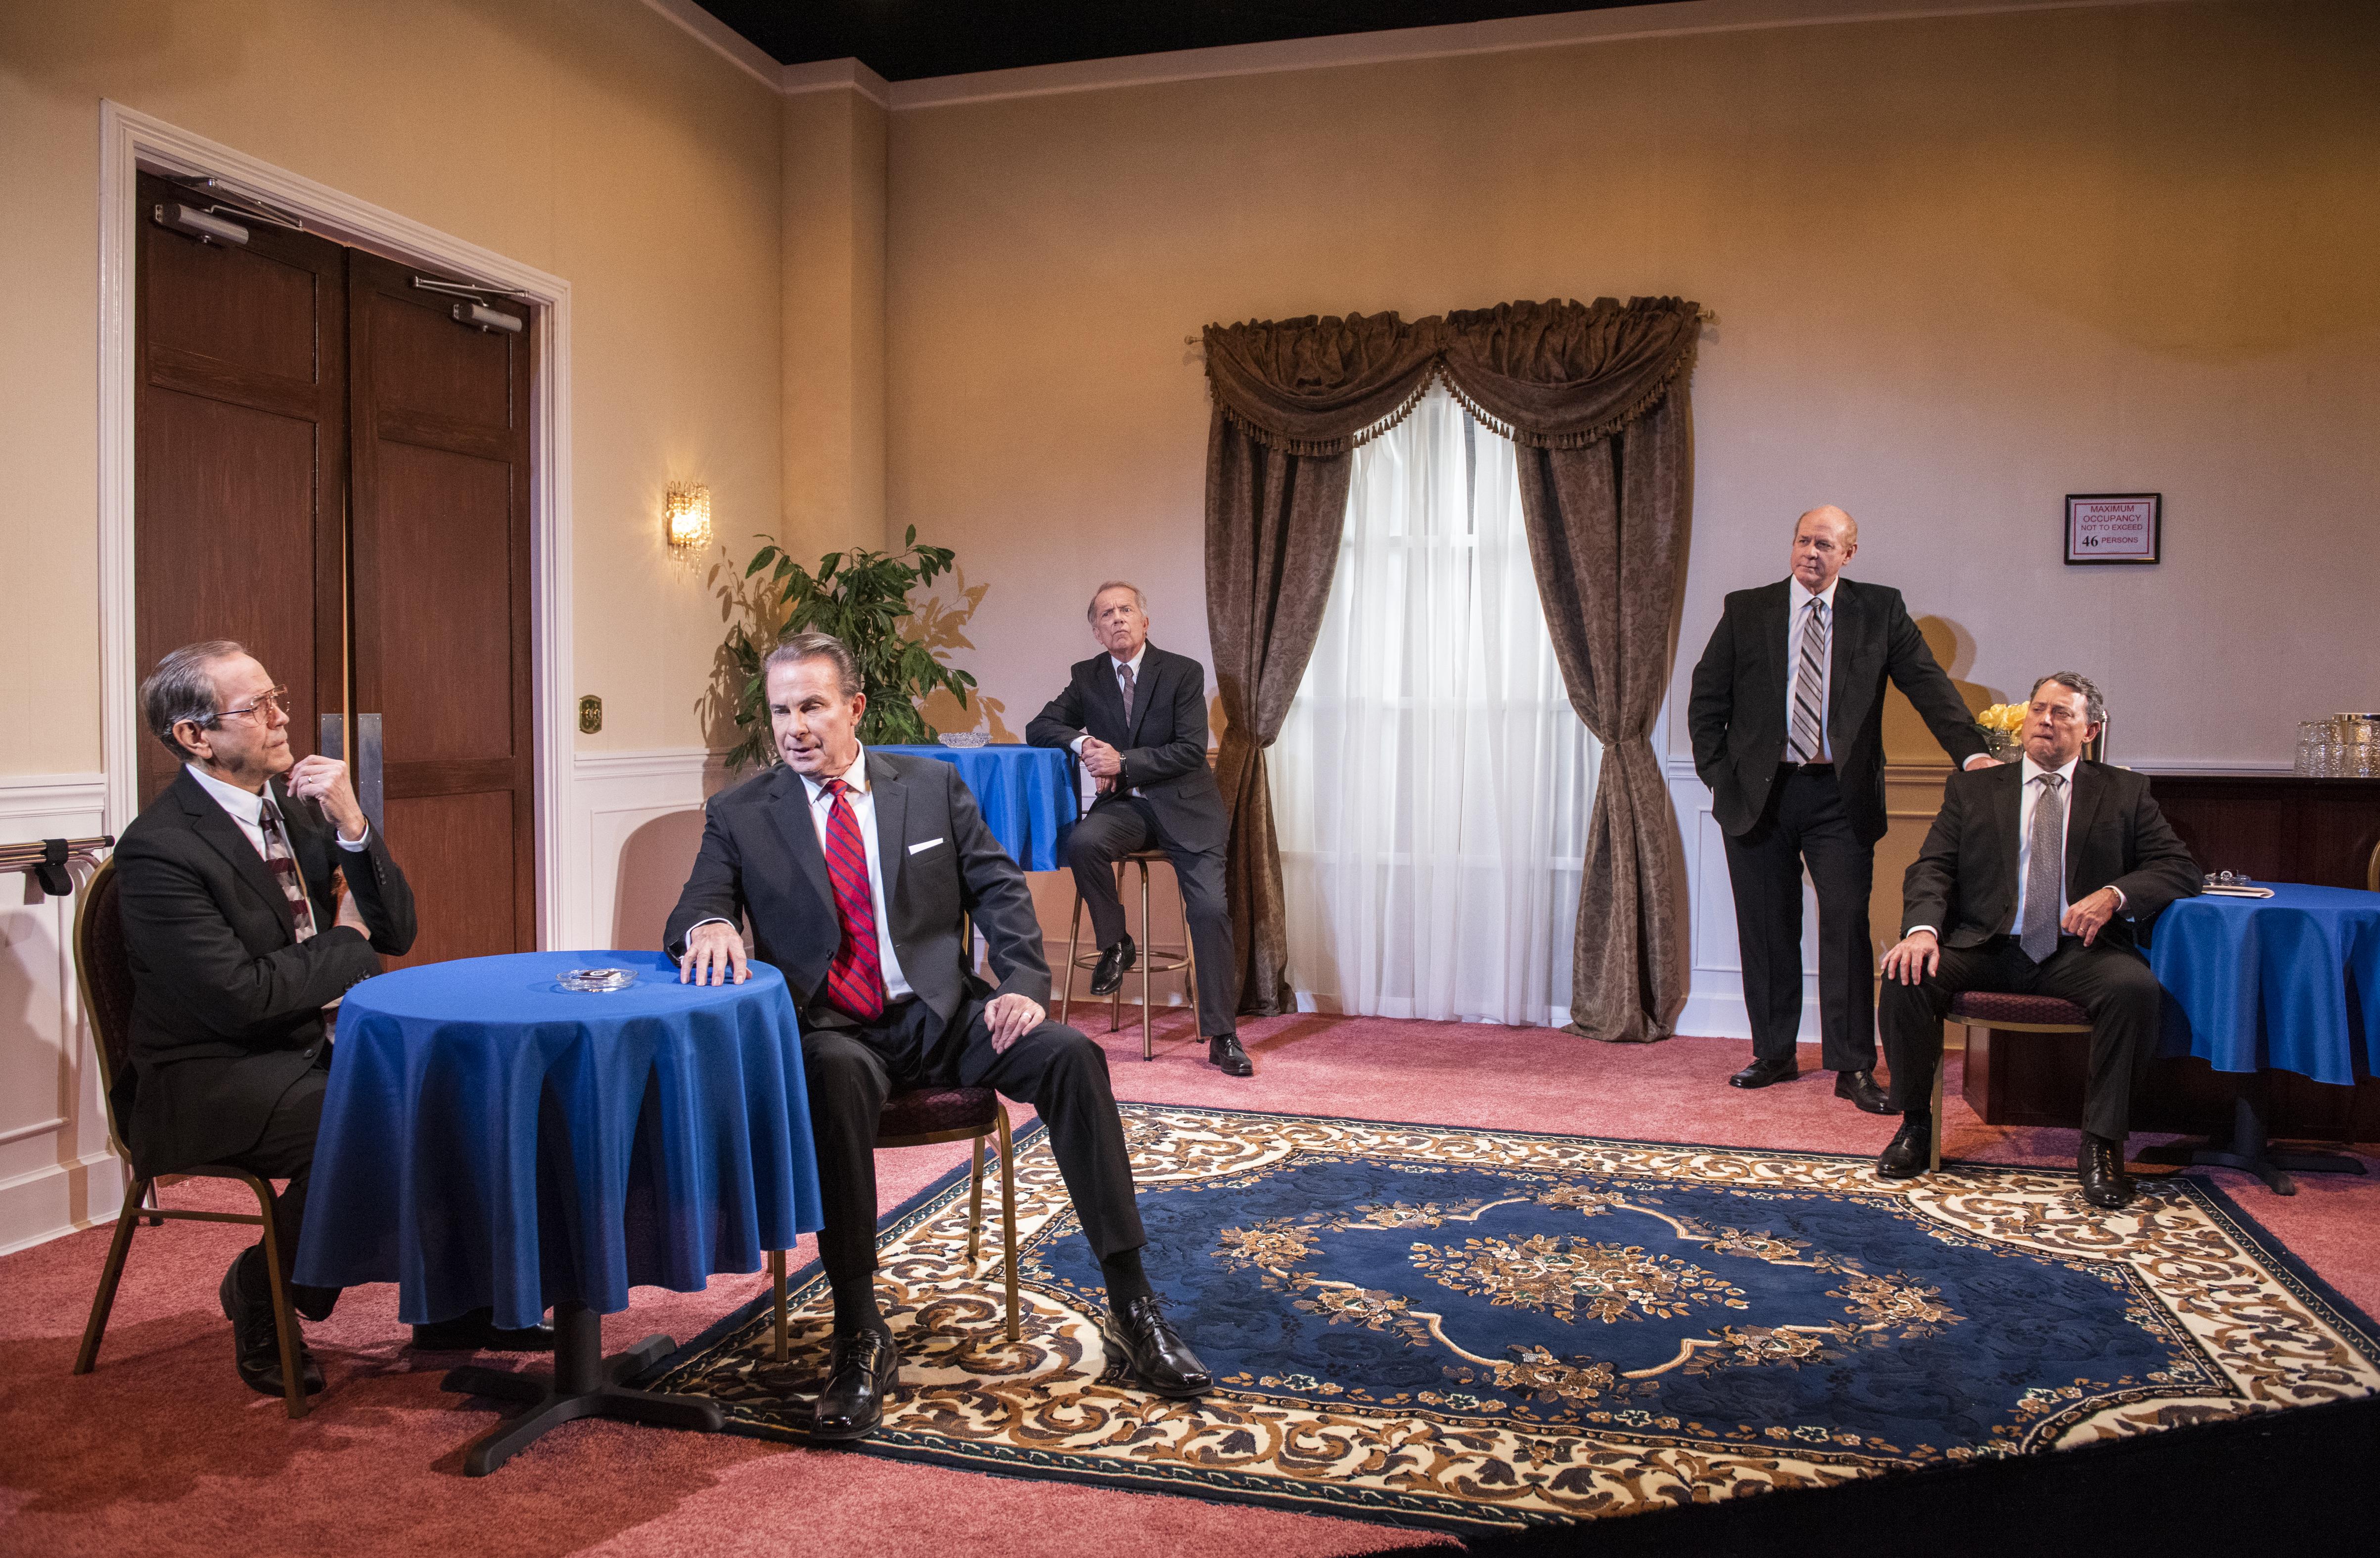 لقطة من المسرحية تمثل اجتماع الرؤساء الأمريكيين الخمسة في جنازة نيكسون (مايكل بروسيلو)